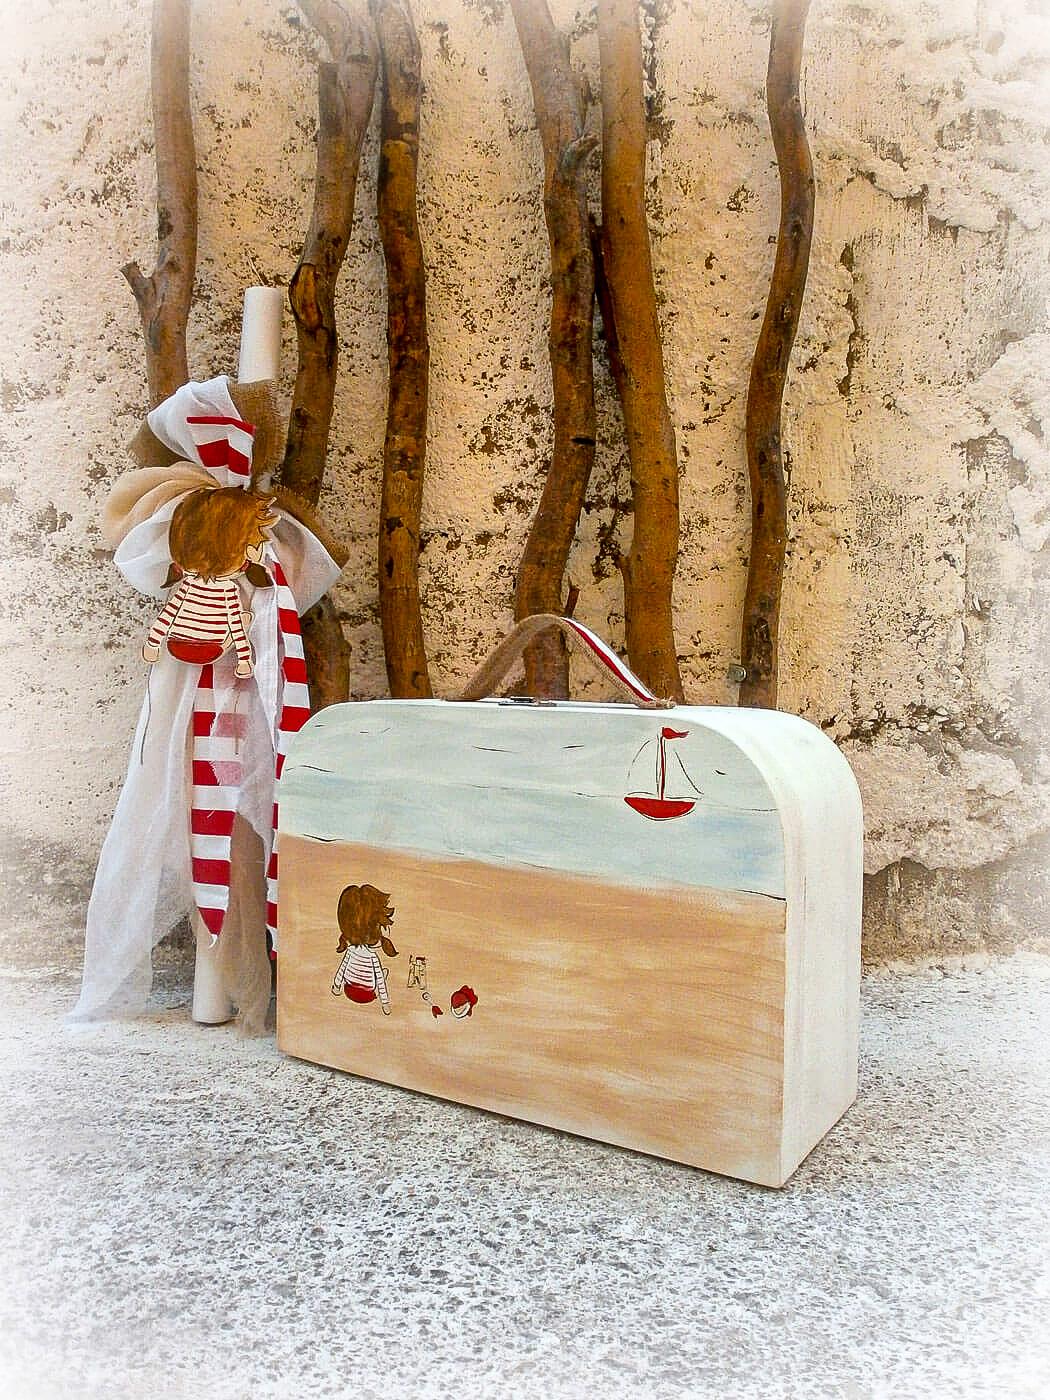 Χειροποίητο σετ βάπτισης Summer time by Elena Manakou αποτελούμενο από βαπτιστικό κουτί  - βαλίτσα ζωγραφισμένο στο χέρι σε σομόν, γκρι, γαλάζιο, κόκκινο και λευκό με λαμπάδα στο ίδιο χρώμα και διακόσμηση με το κουτί για τα ρούχα.